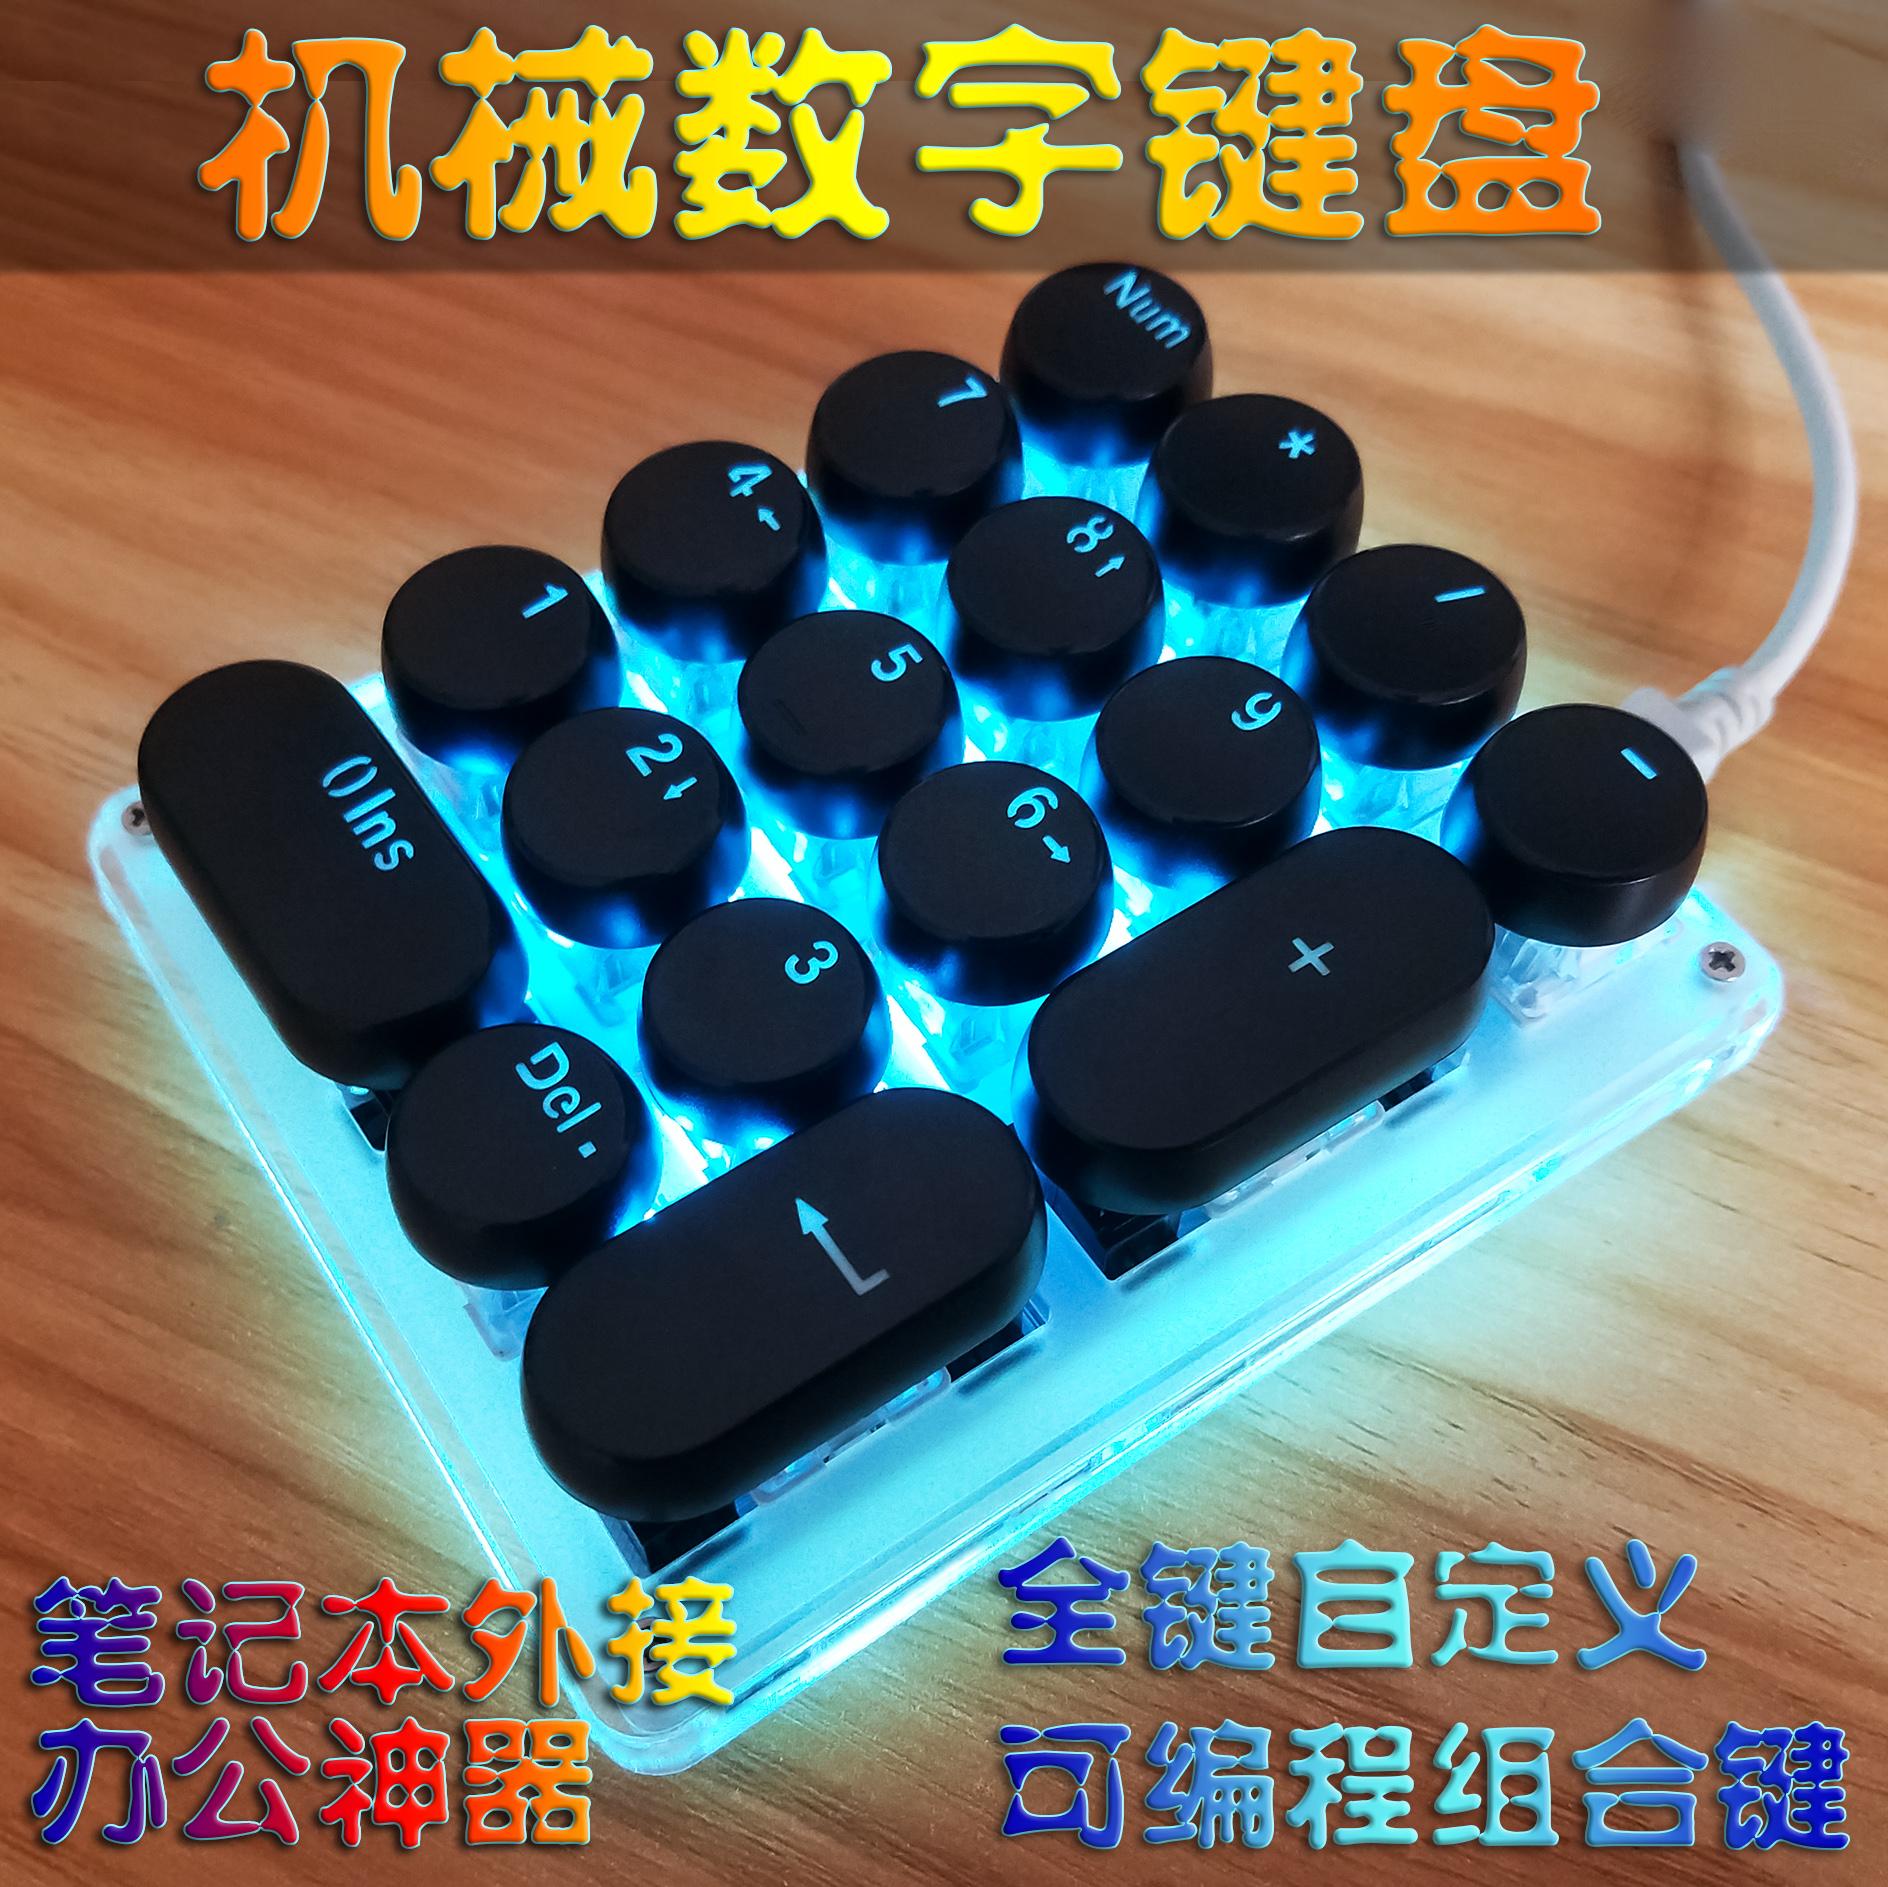 机械数字键盘 笔记本外接迷你 USB免切换财务会计 可编程宏小键盘